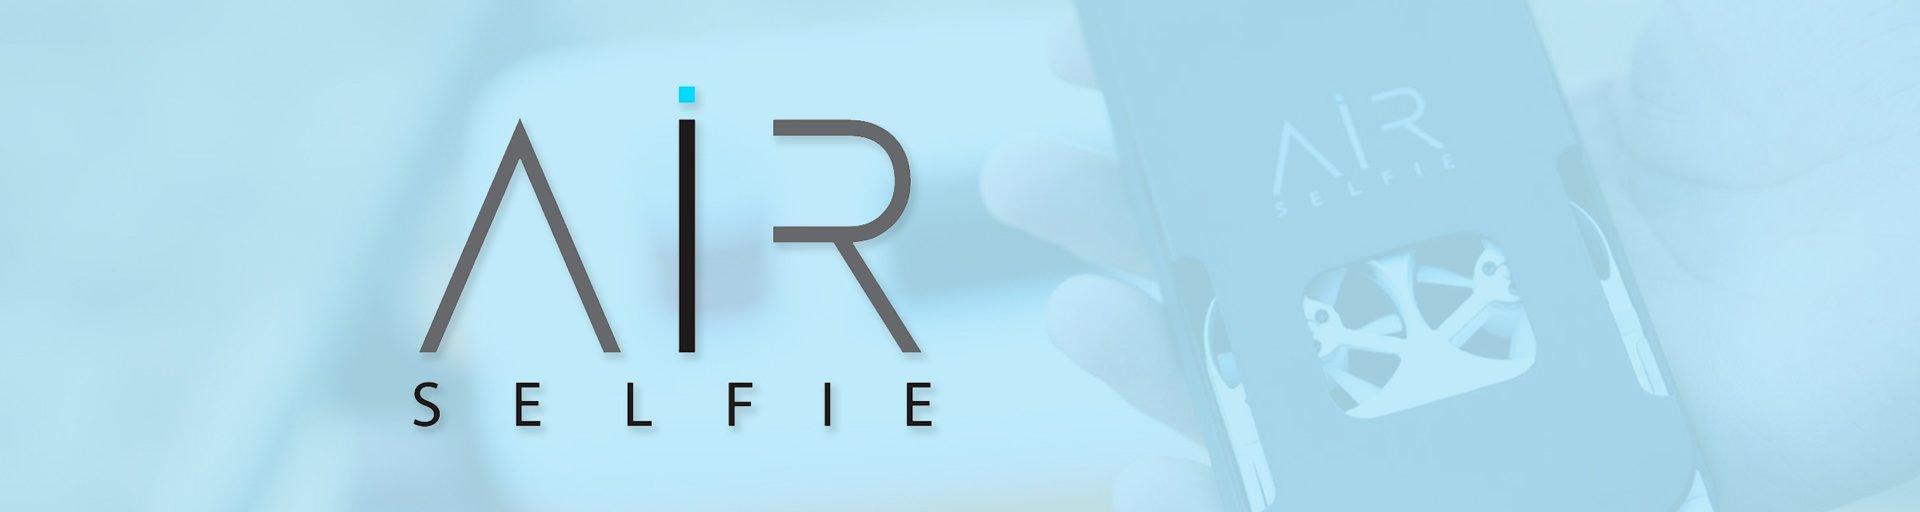 AirSelfie